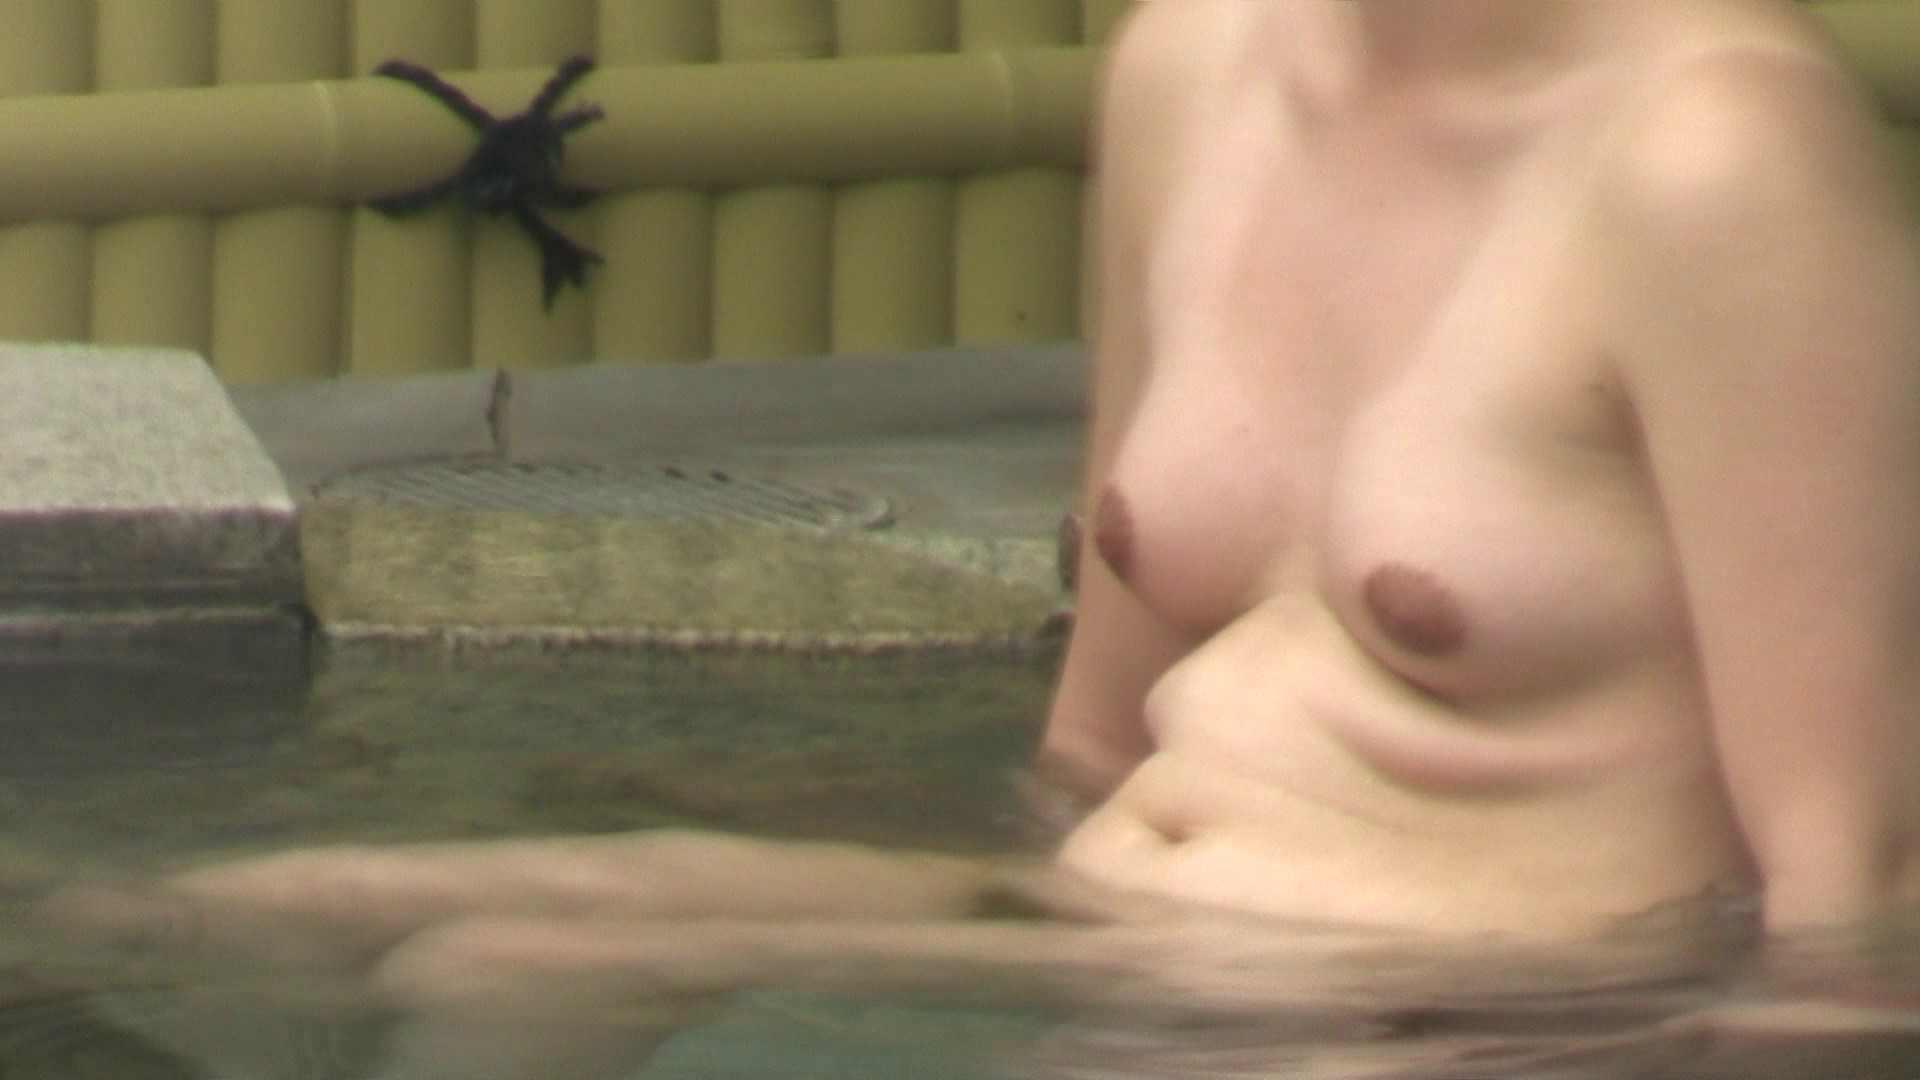 Aquaな露天風呂Vol.673 美しいOLの裸体  99pic 36